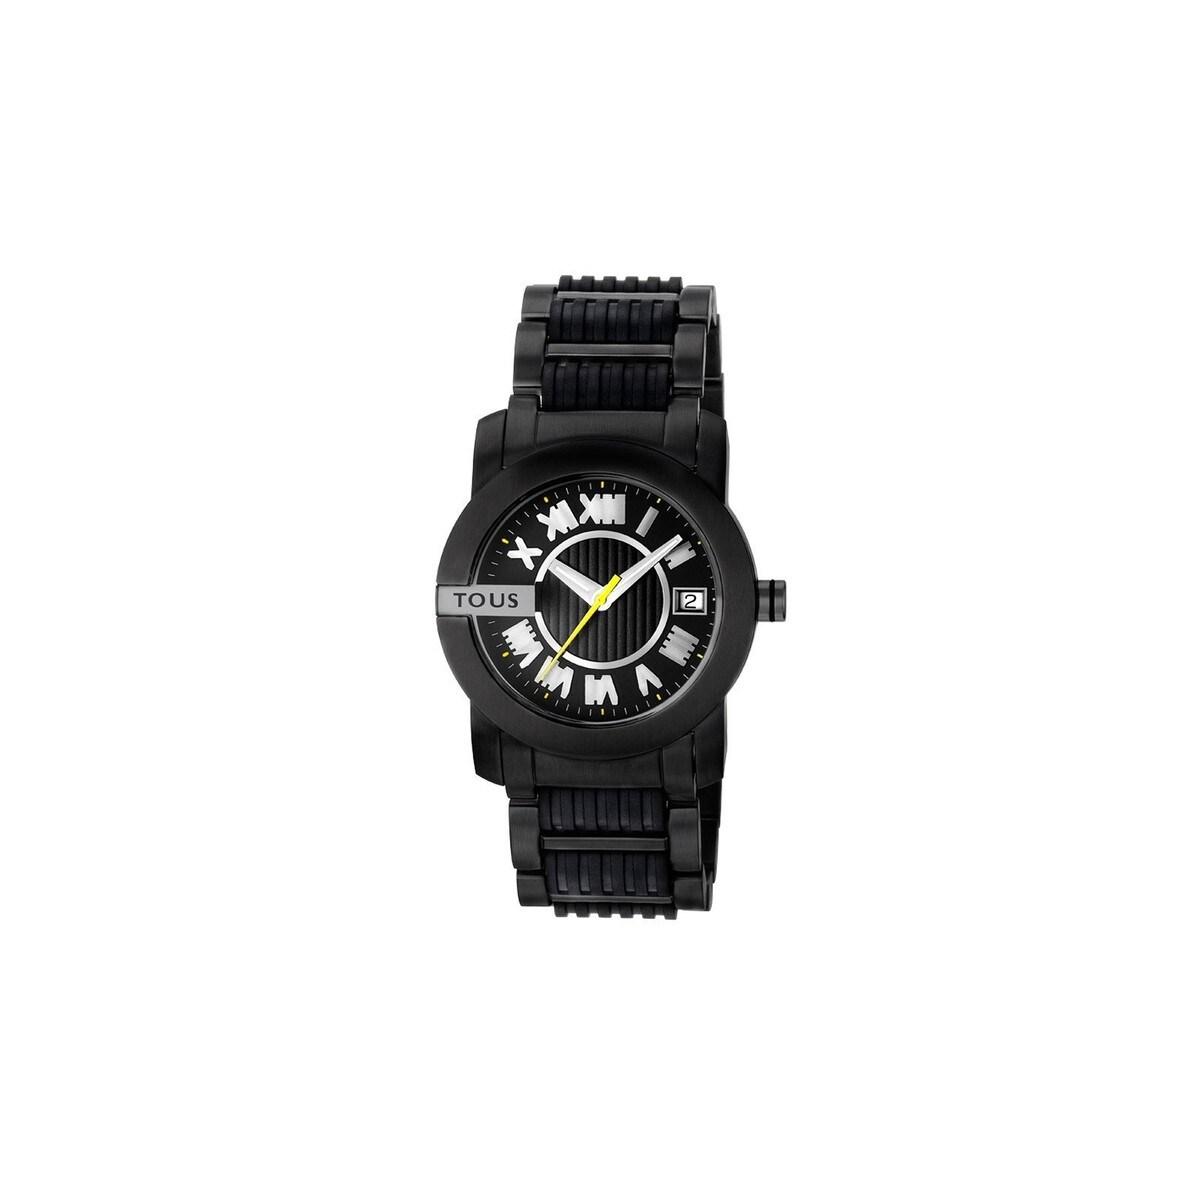 Relógio Oto Round em Aço com correia de Silicone preta